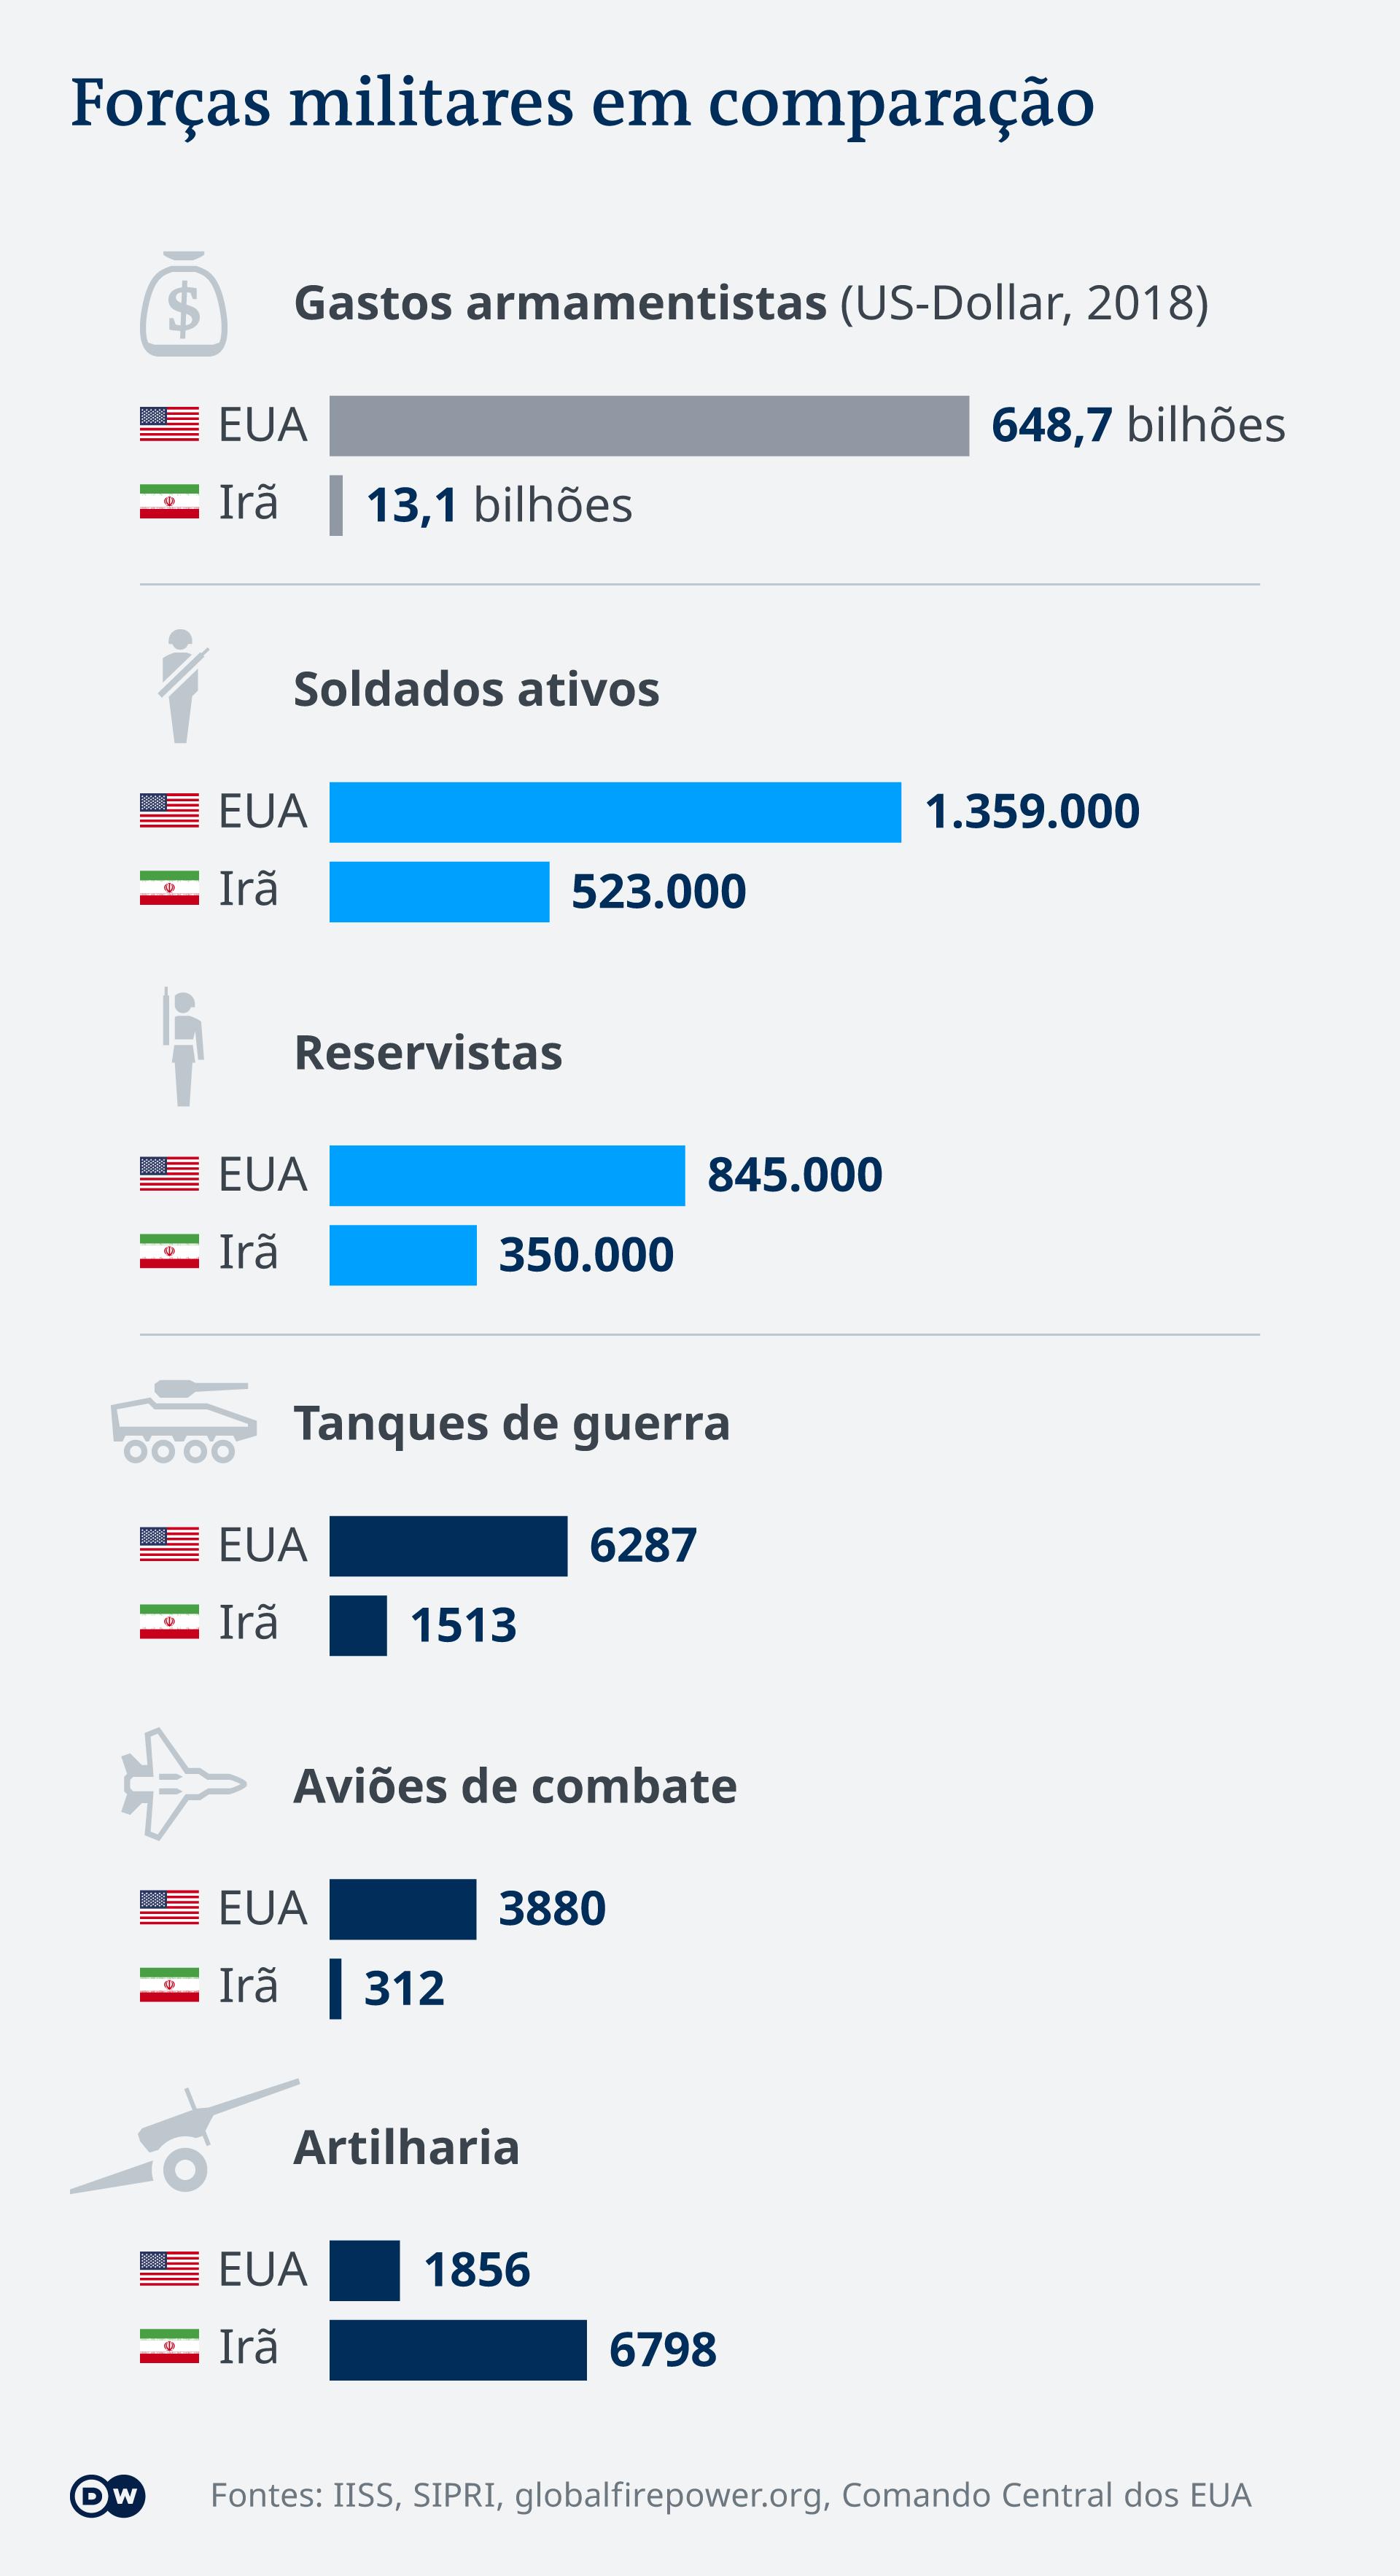 Infografik Vergleich Streitkräfte USA Iran PT